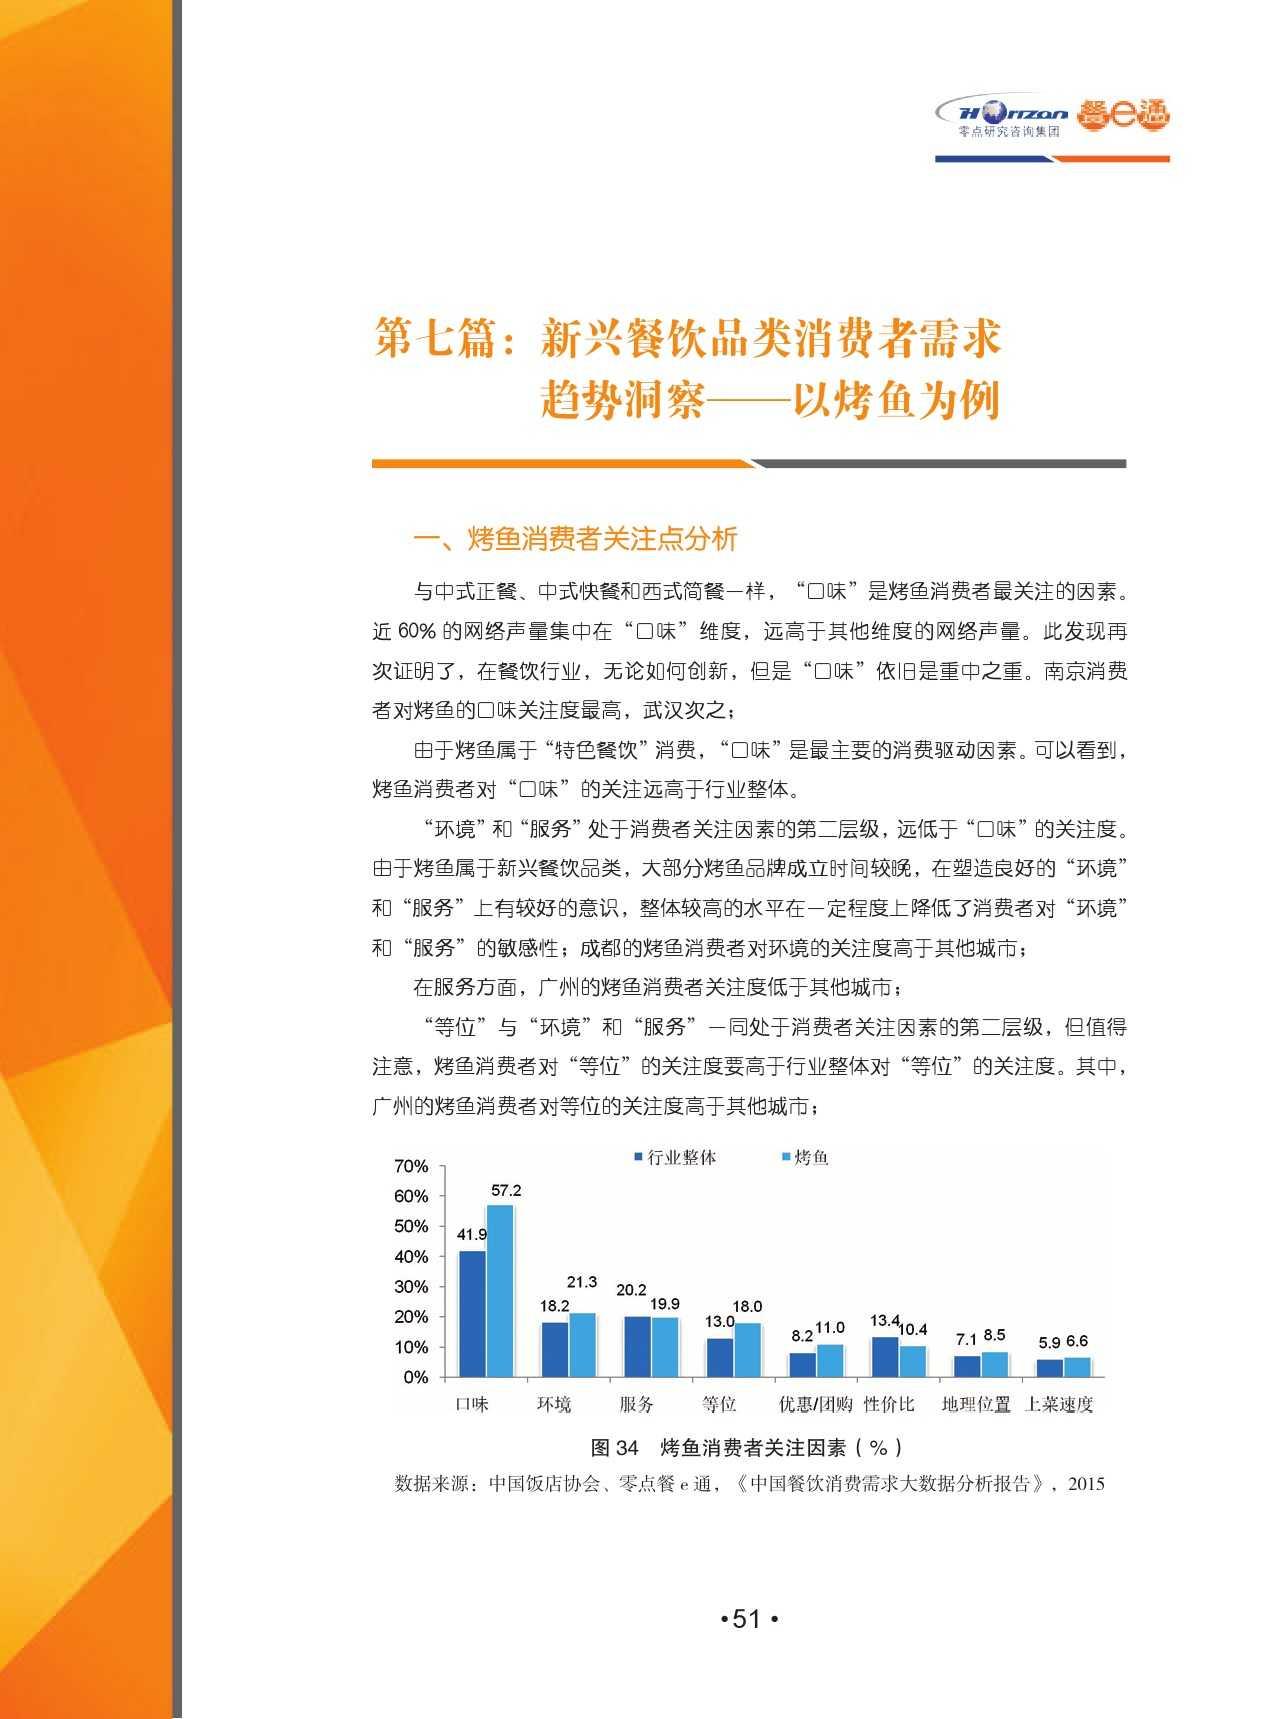 2015中国餐饮消费需求大数据分析报告_000053